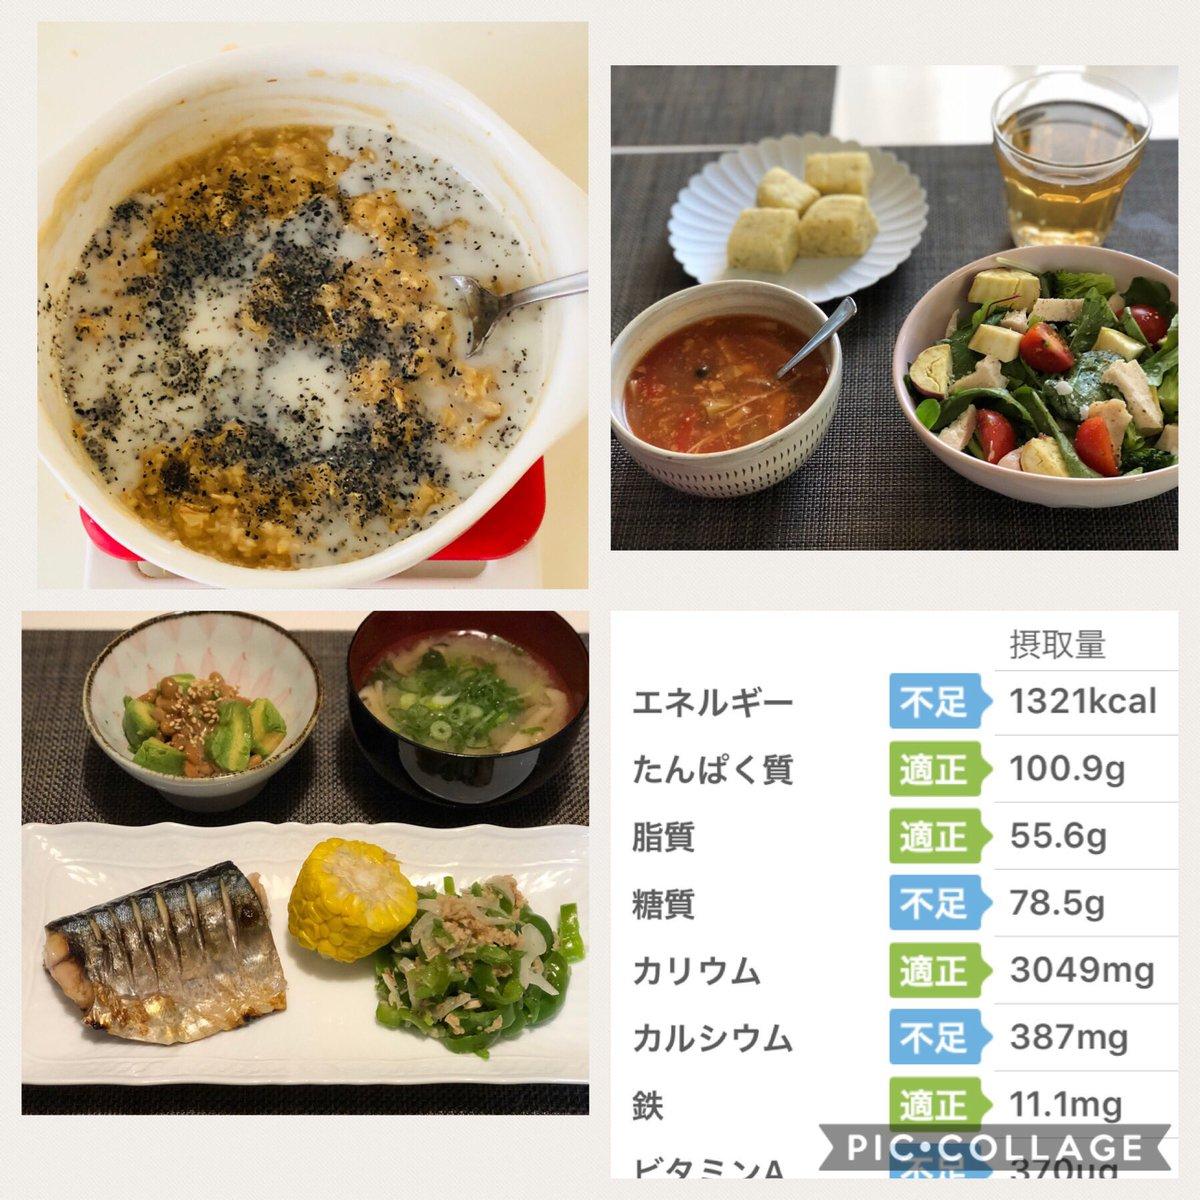 ダイエット 食事